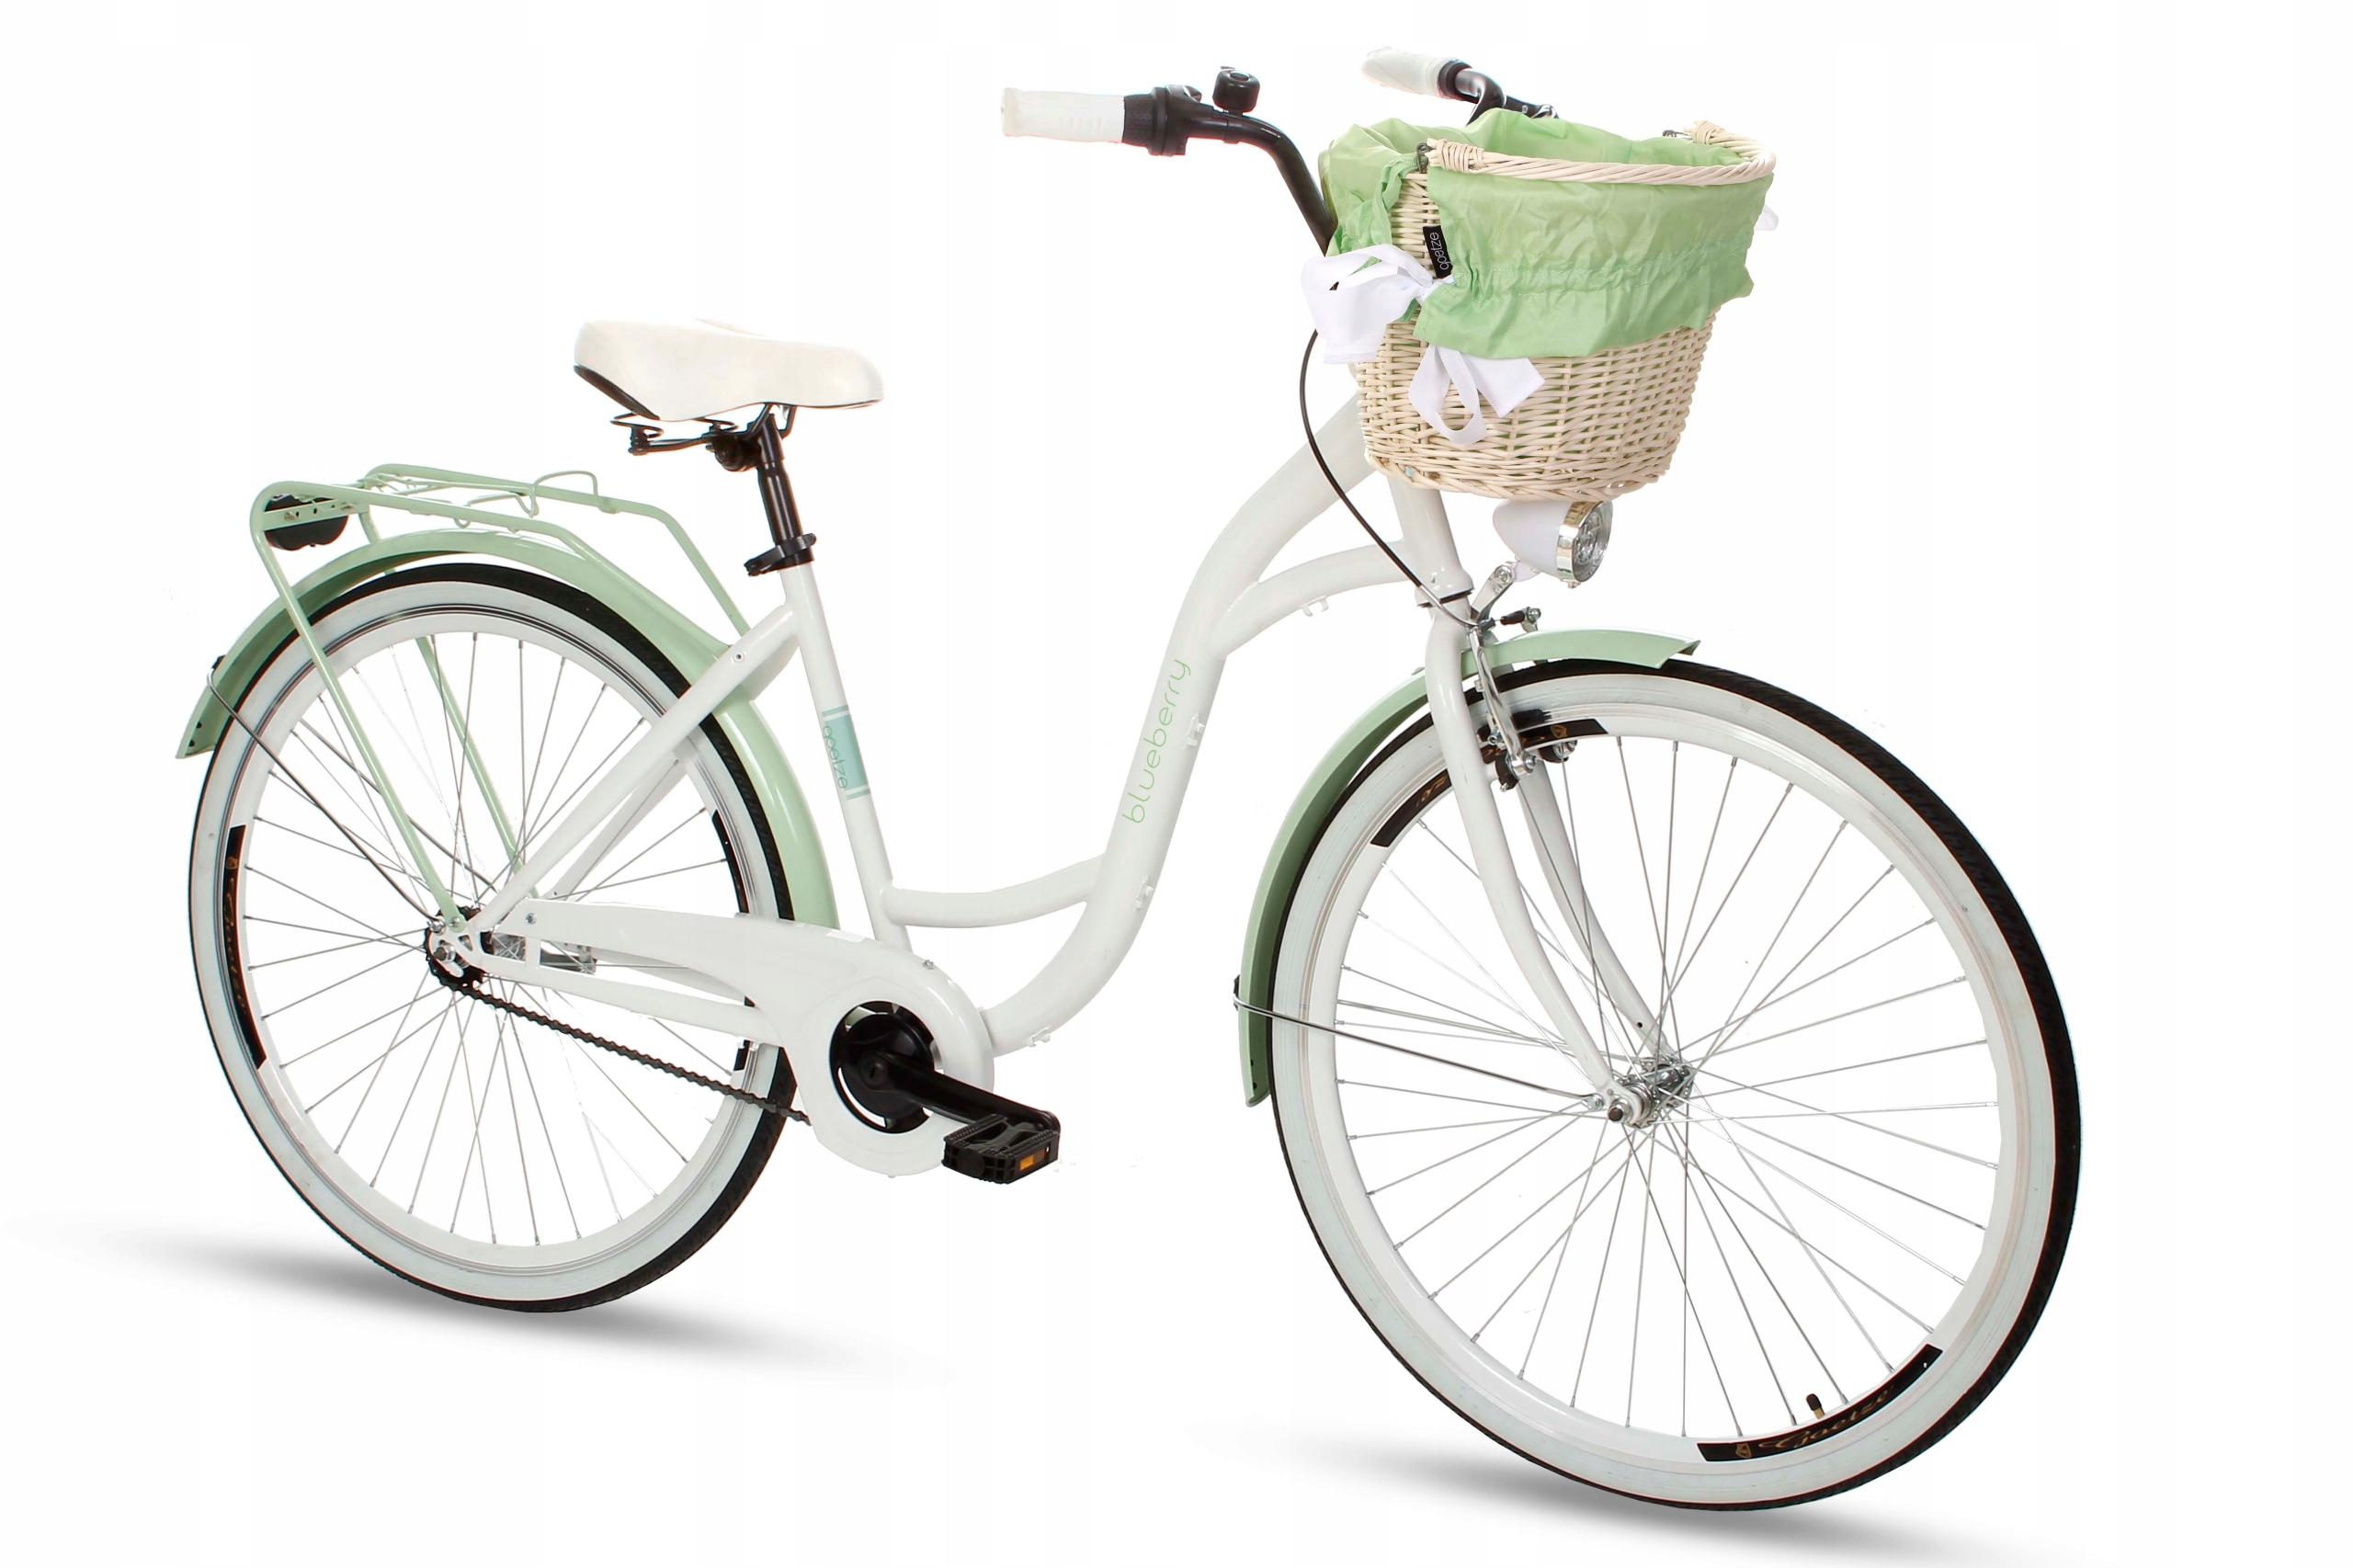 Dámsky mestský bicykel Goetze BLUEBERRY 28 košík!  Značka Goetze